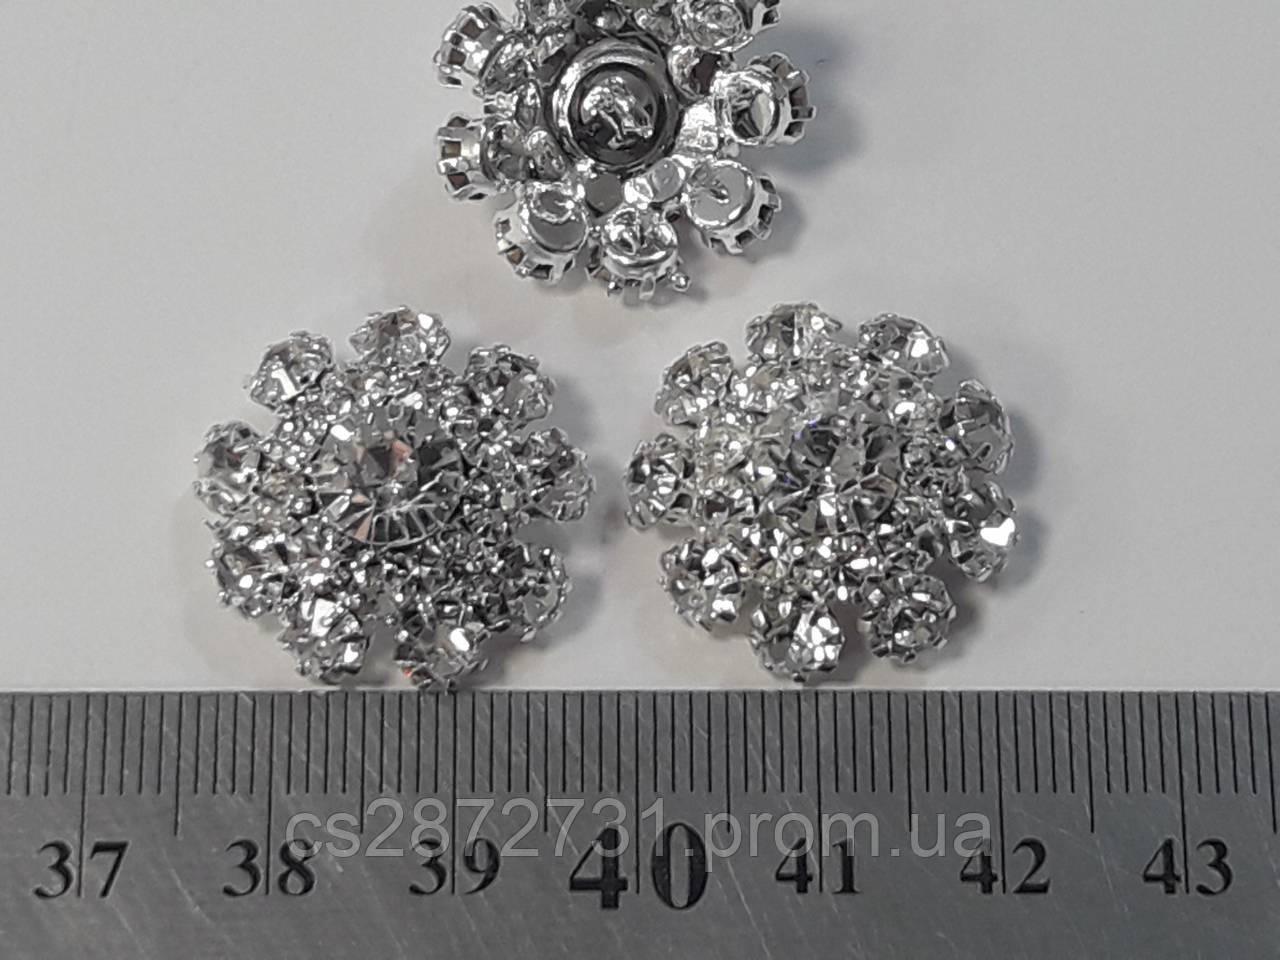 Пуговици с камнями для одежды, прозрачные, 22мм